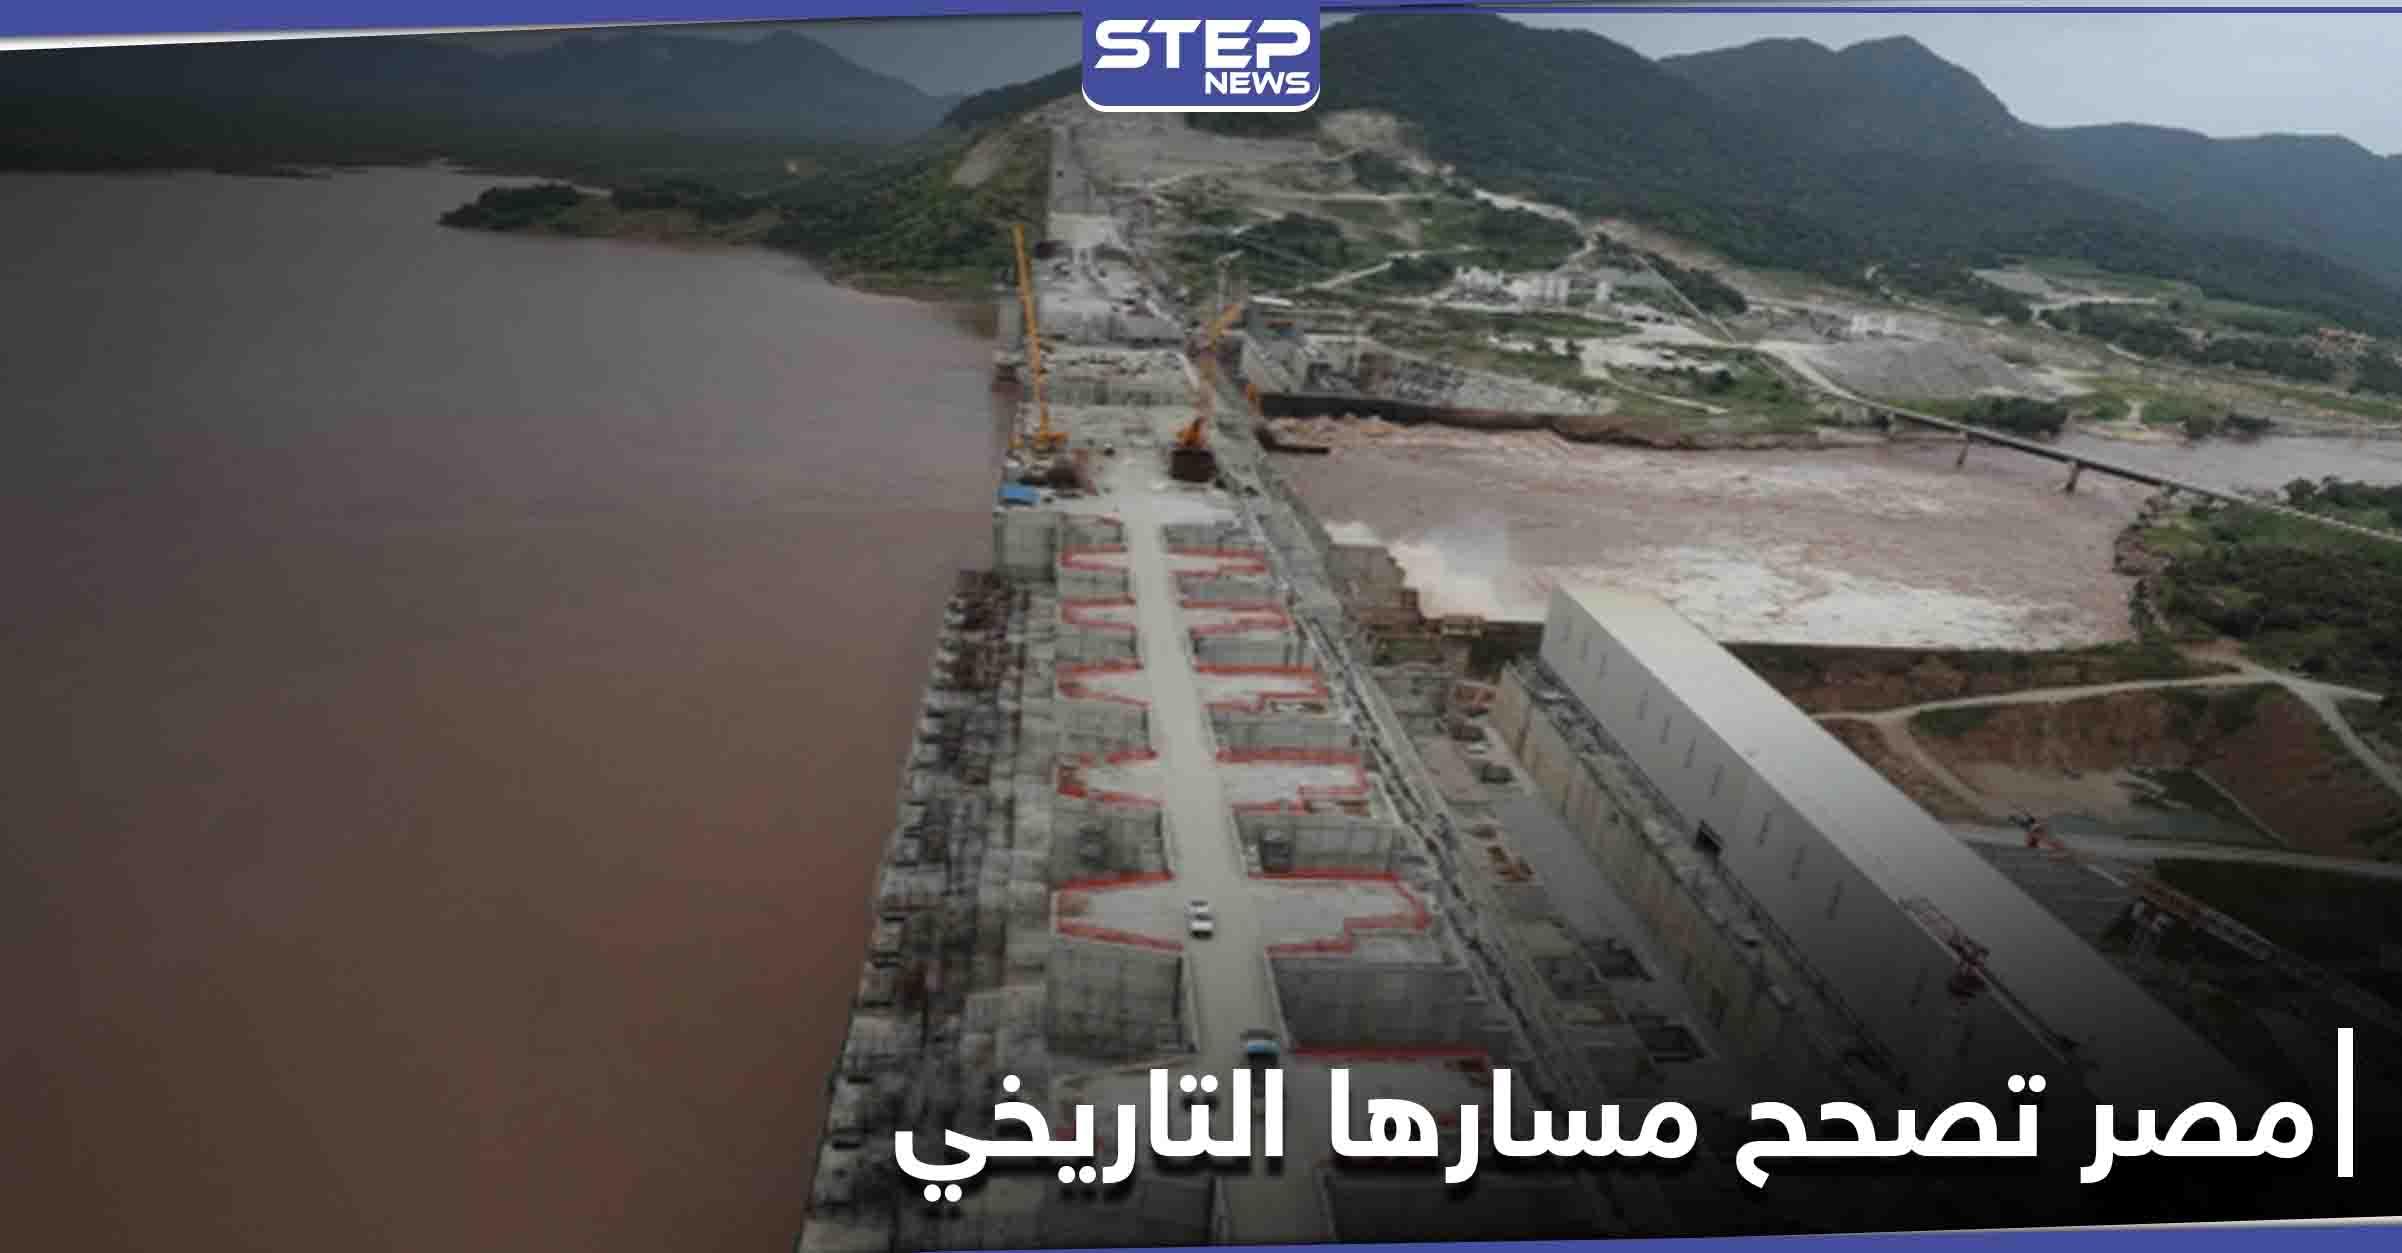 """حوض النيل يعود لسابق عهده باتفاقية عسكرية بين مصر وأوغندا وصفت بأنها """"مصيرية"""" وصفعة حادة لإثيوبيا"""